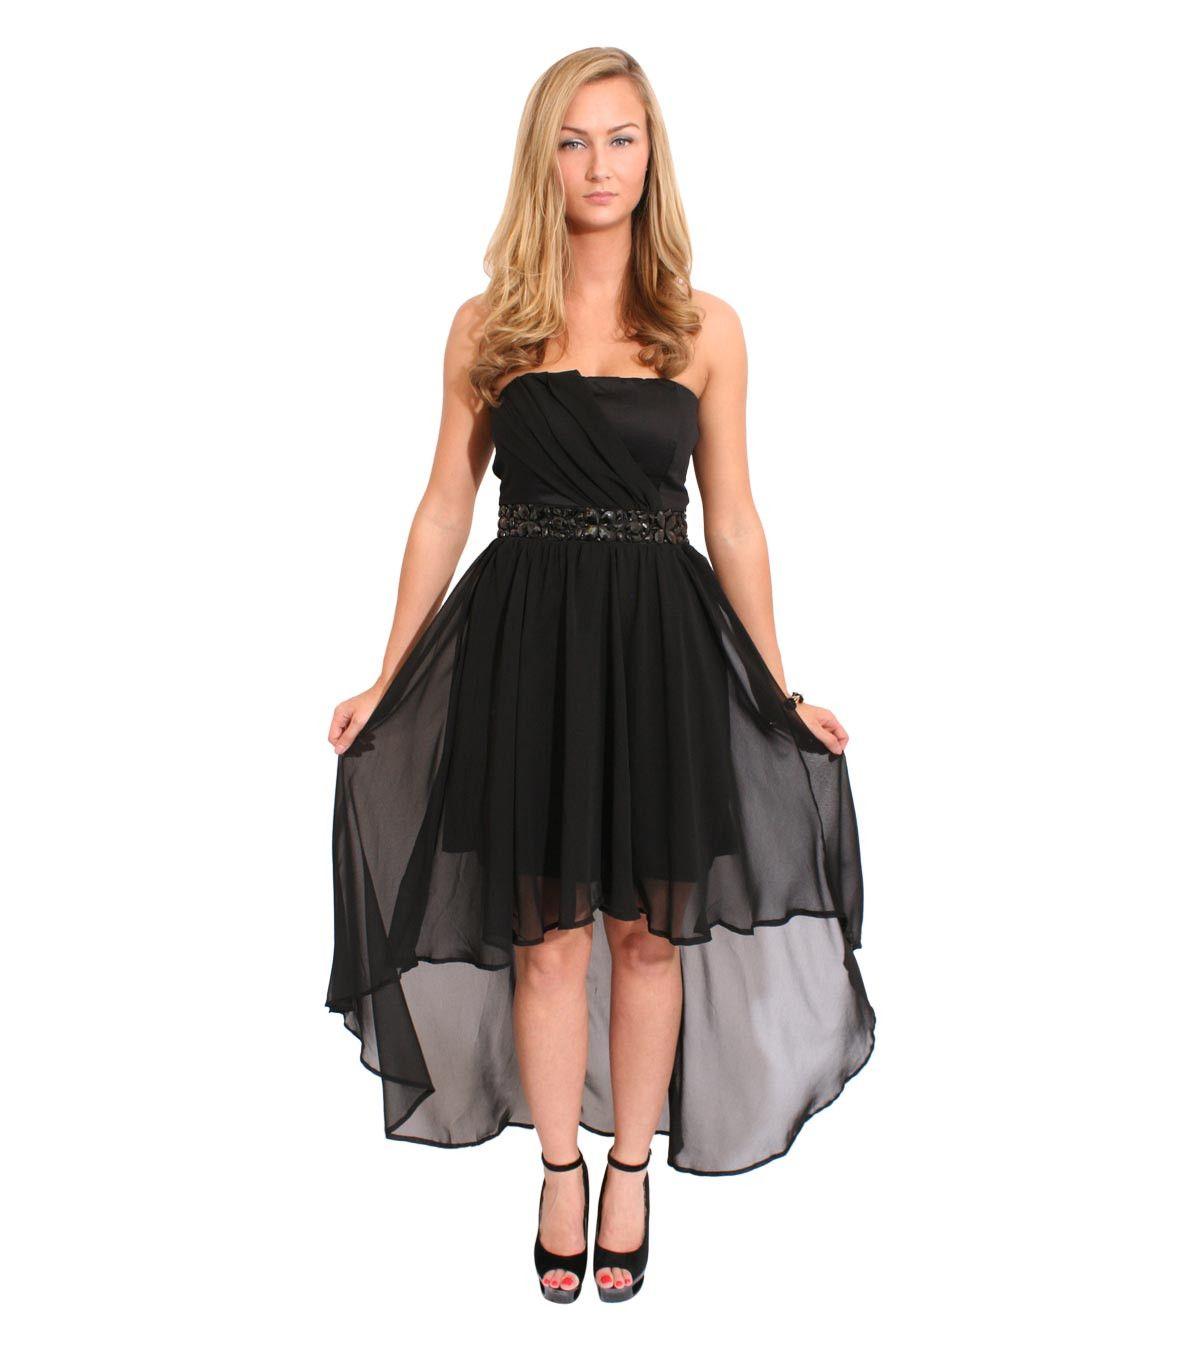 Black Party Dresses For Juniors - Ocodea.com